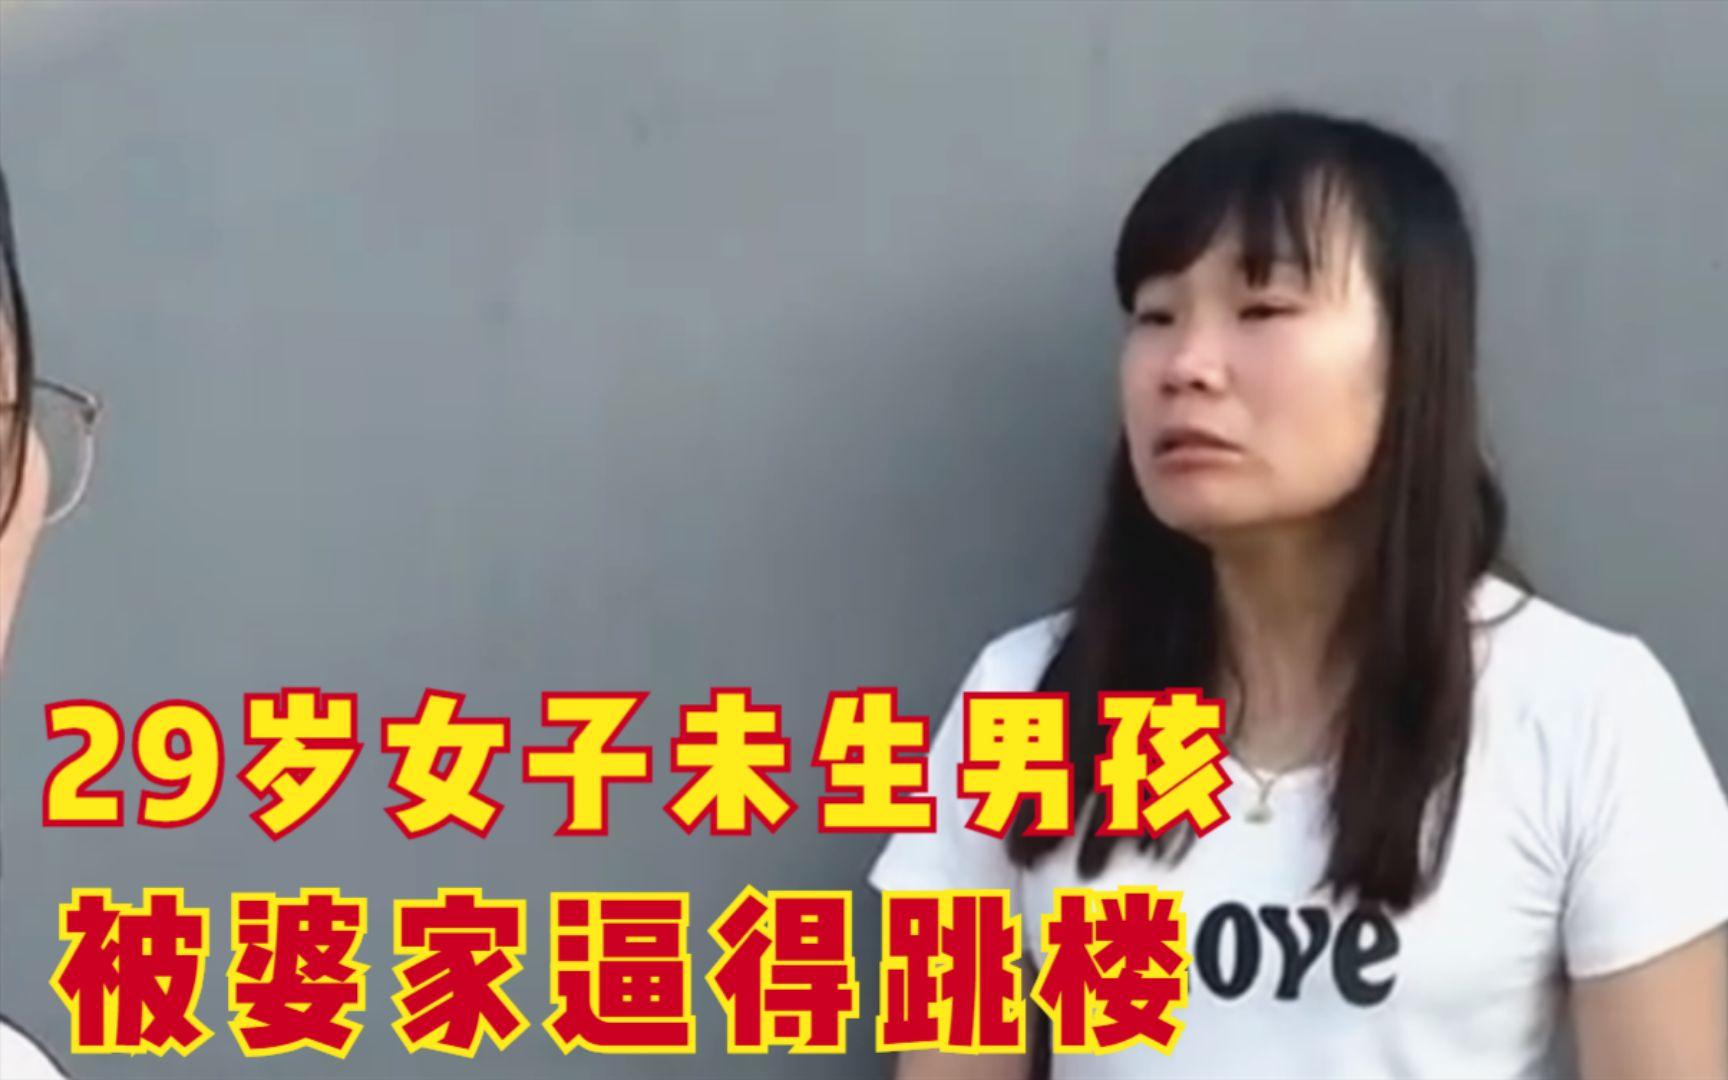 结婚5年生2女,公婆嫌弃生不出儿子,把29岁全职妈妈逼得跳楼